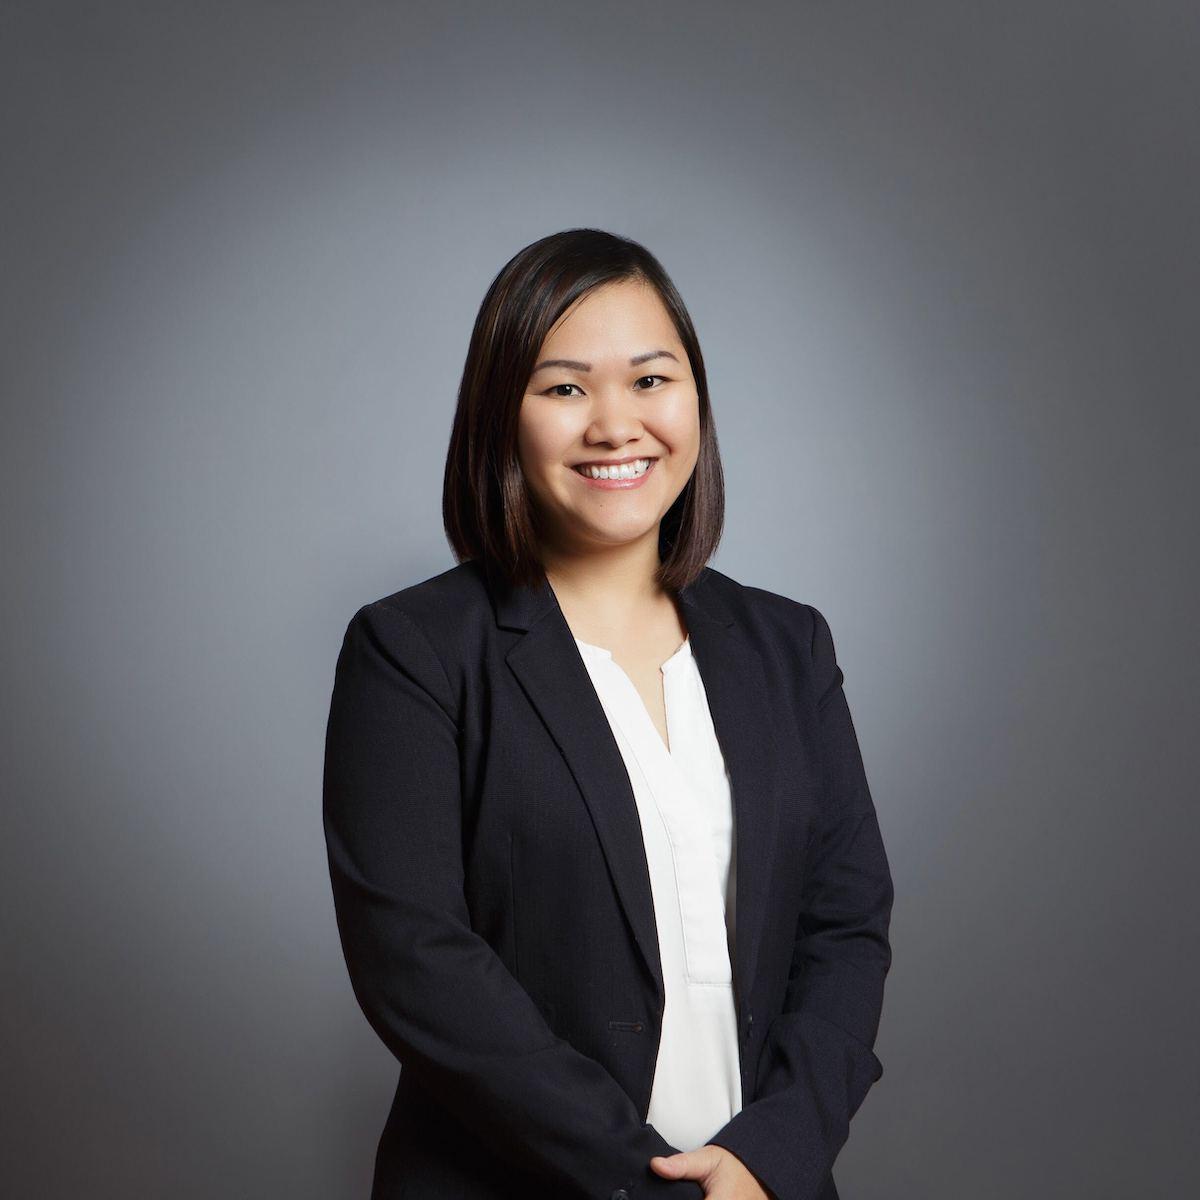 Chị Hầu Lý, lãnh đạo của nhóm Chính sách hỗ trợ đối tác tài xế tại Gojek Việt Nam.